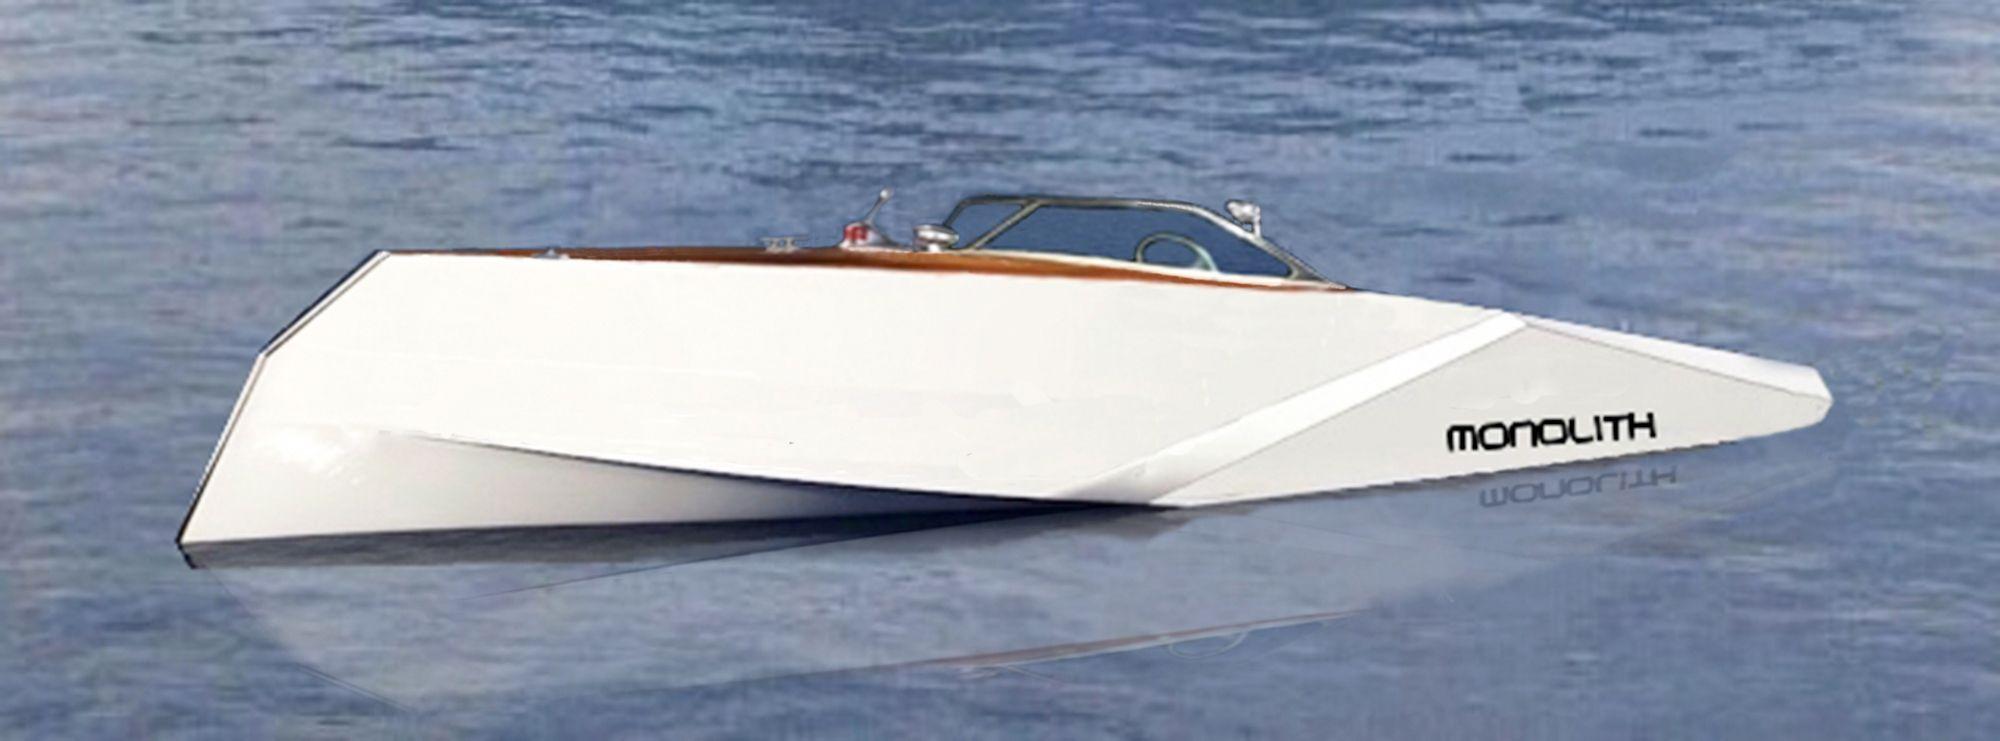 Superyacht Design Concept Superyacht Conceptual Boat